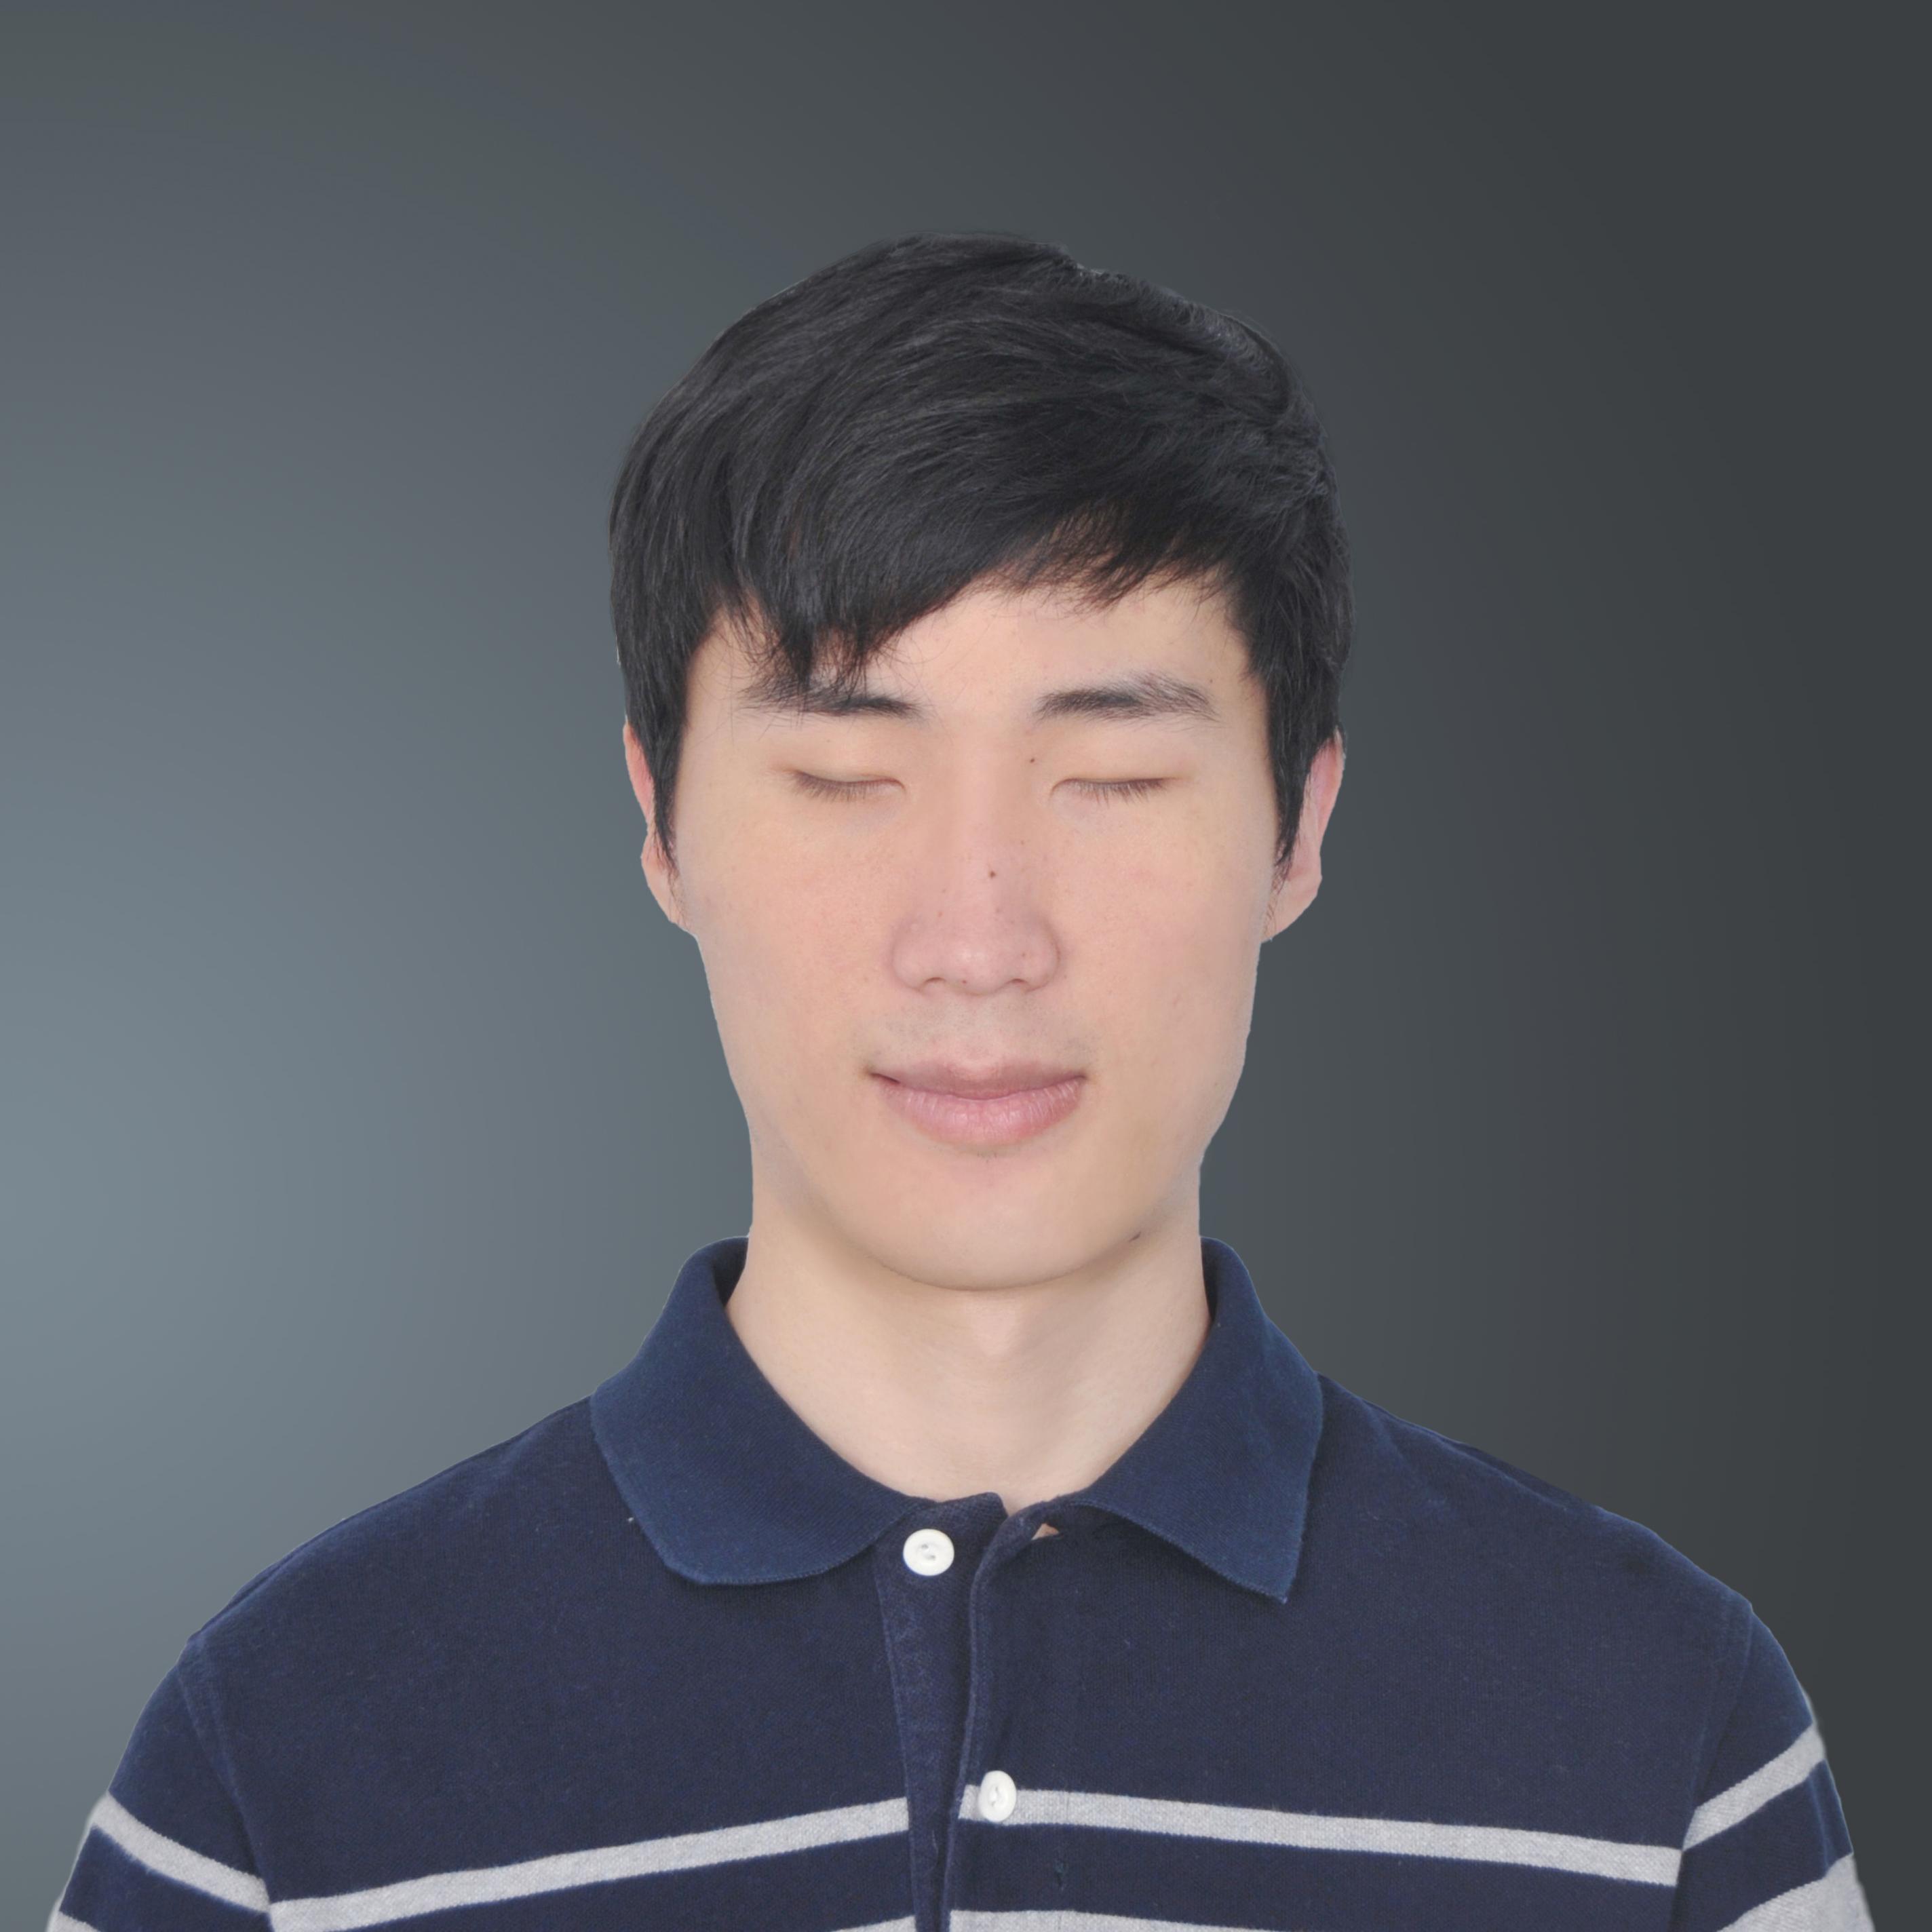 王孟琦照片